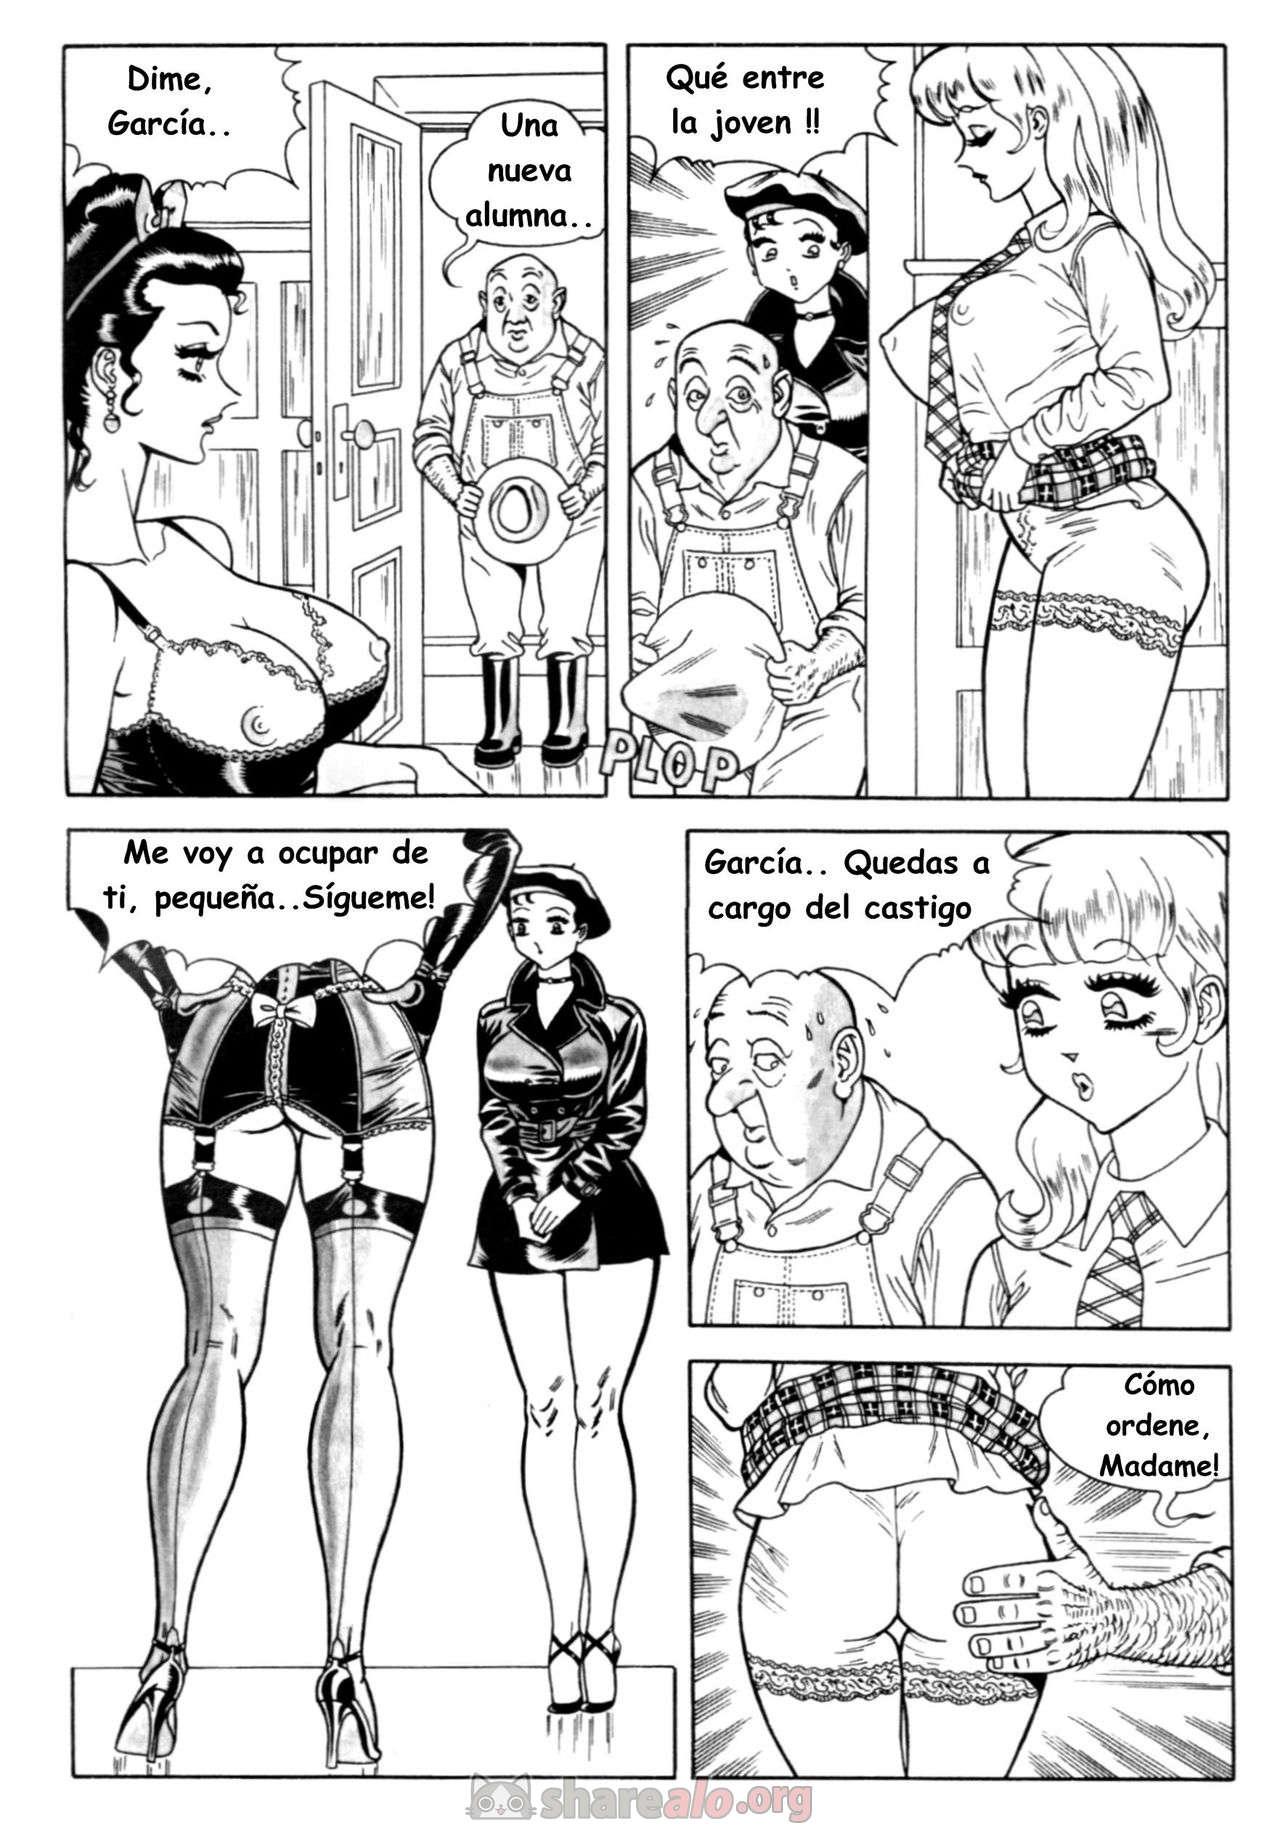 [ Escuela de Señoritas (Jardín de Rosas Manga Hentai) ]: Comics Porno Manga Hentai [ fnS8fsTk ]